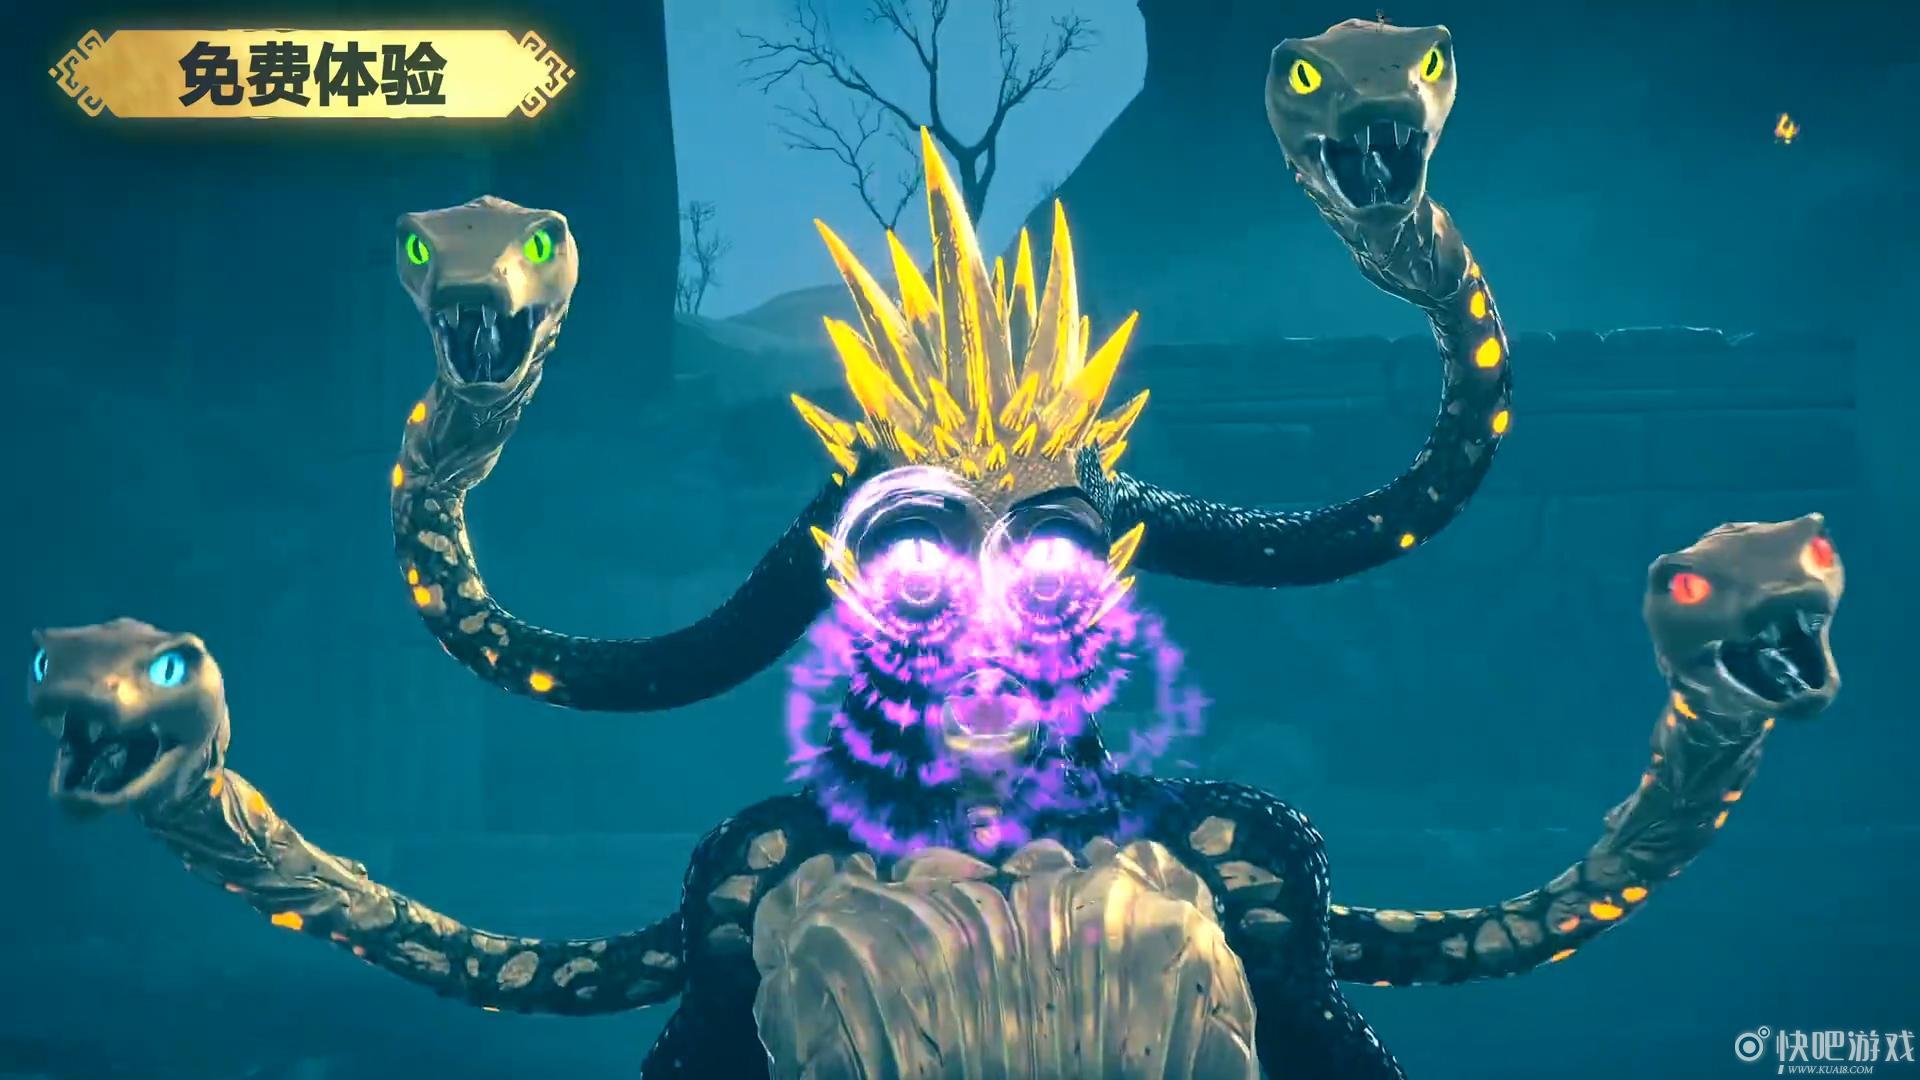 《渡神紀:芬尼斯崛起》推出免費試玩